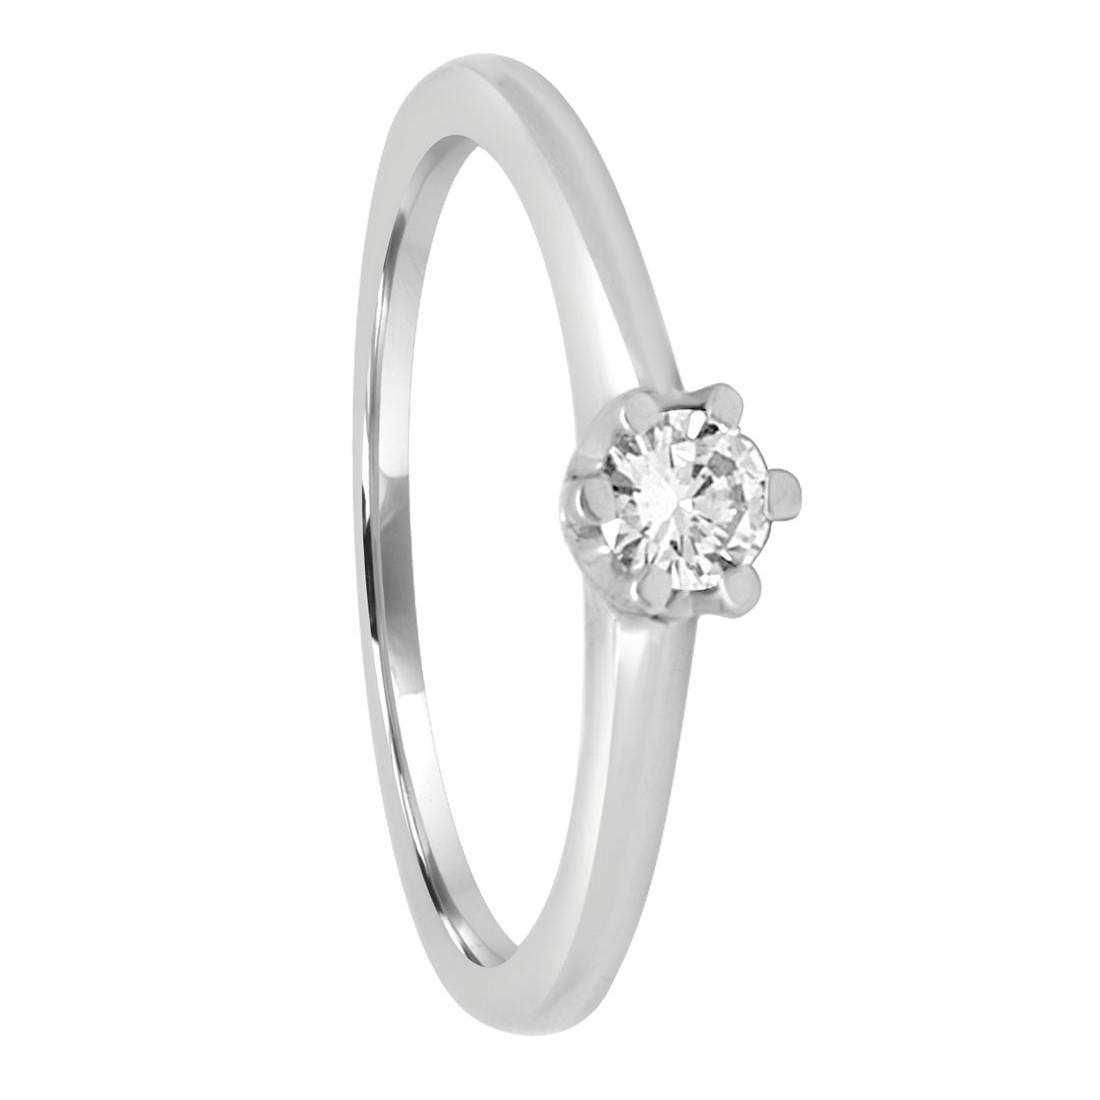 Anello in oro bianco 6 griffes con diamante ct 0.20, misura 14 - ORO&CO